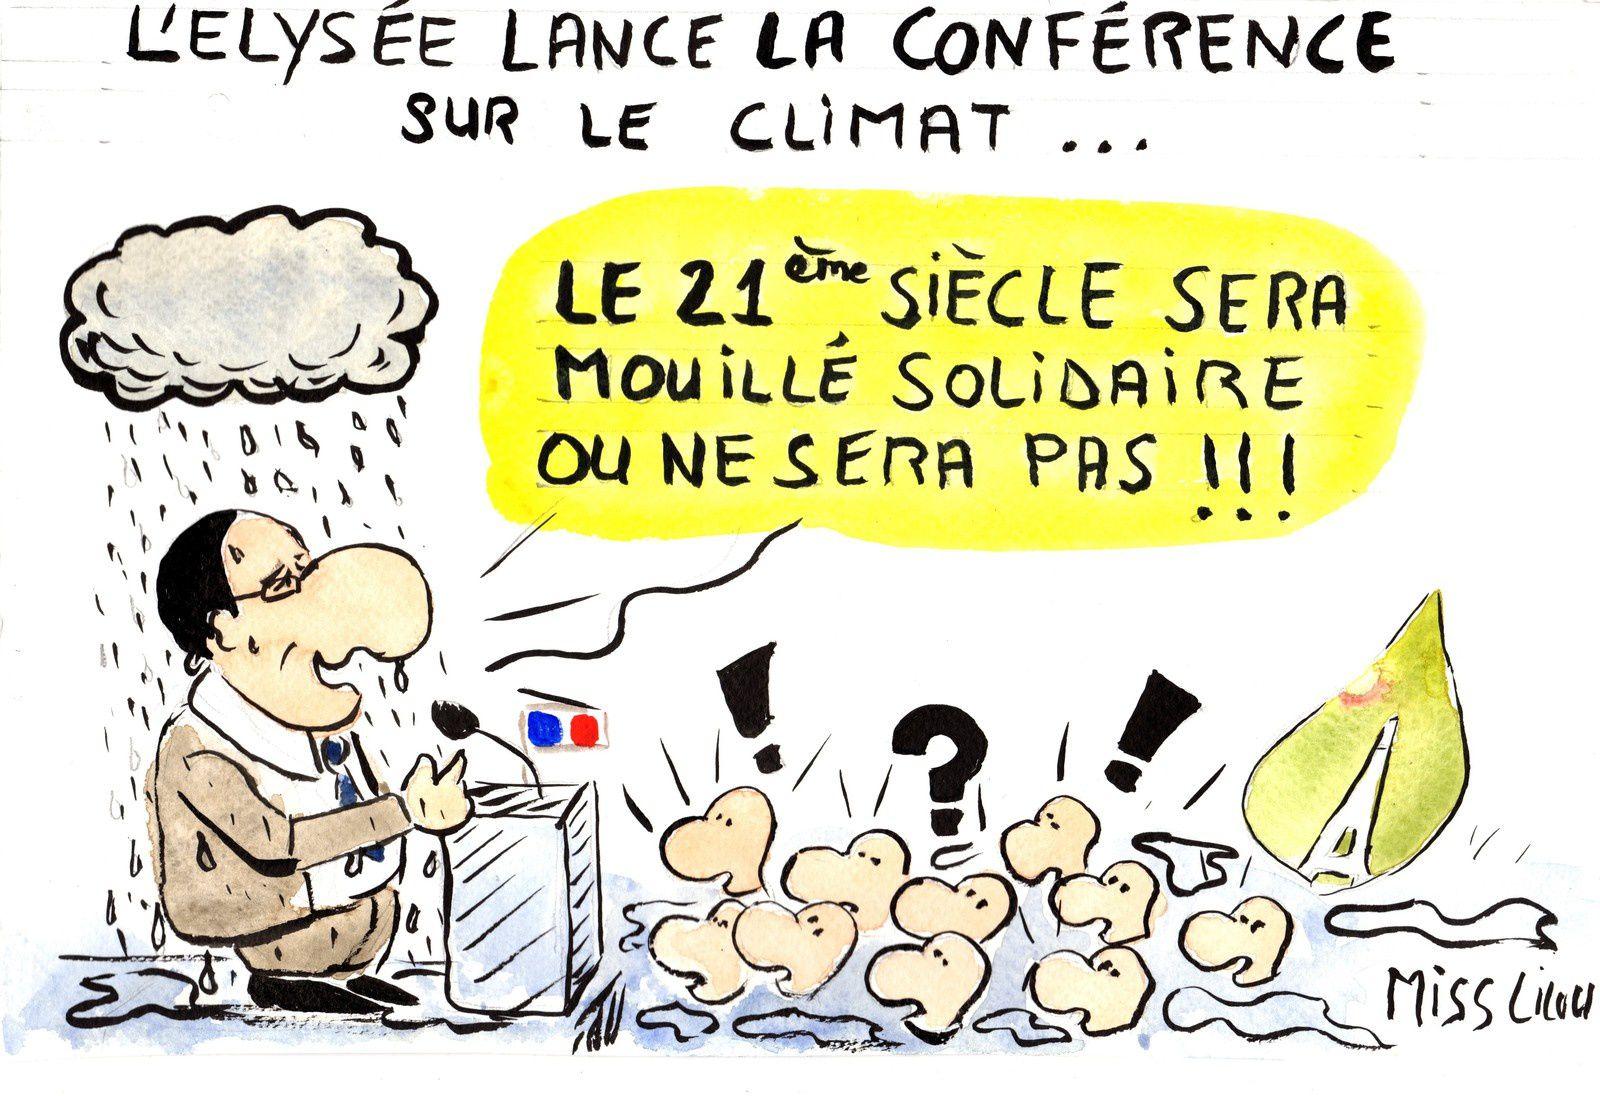 L'Elysée lance la conférence sur le climat...